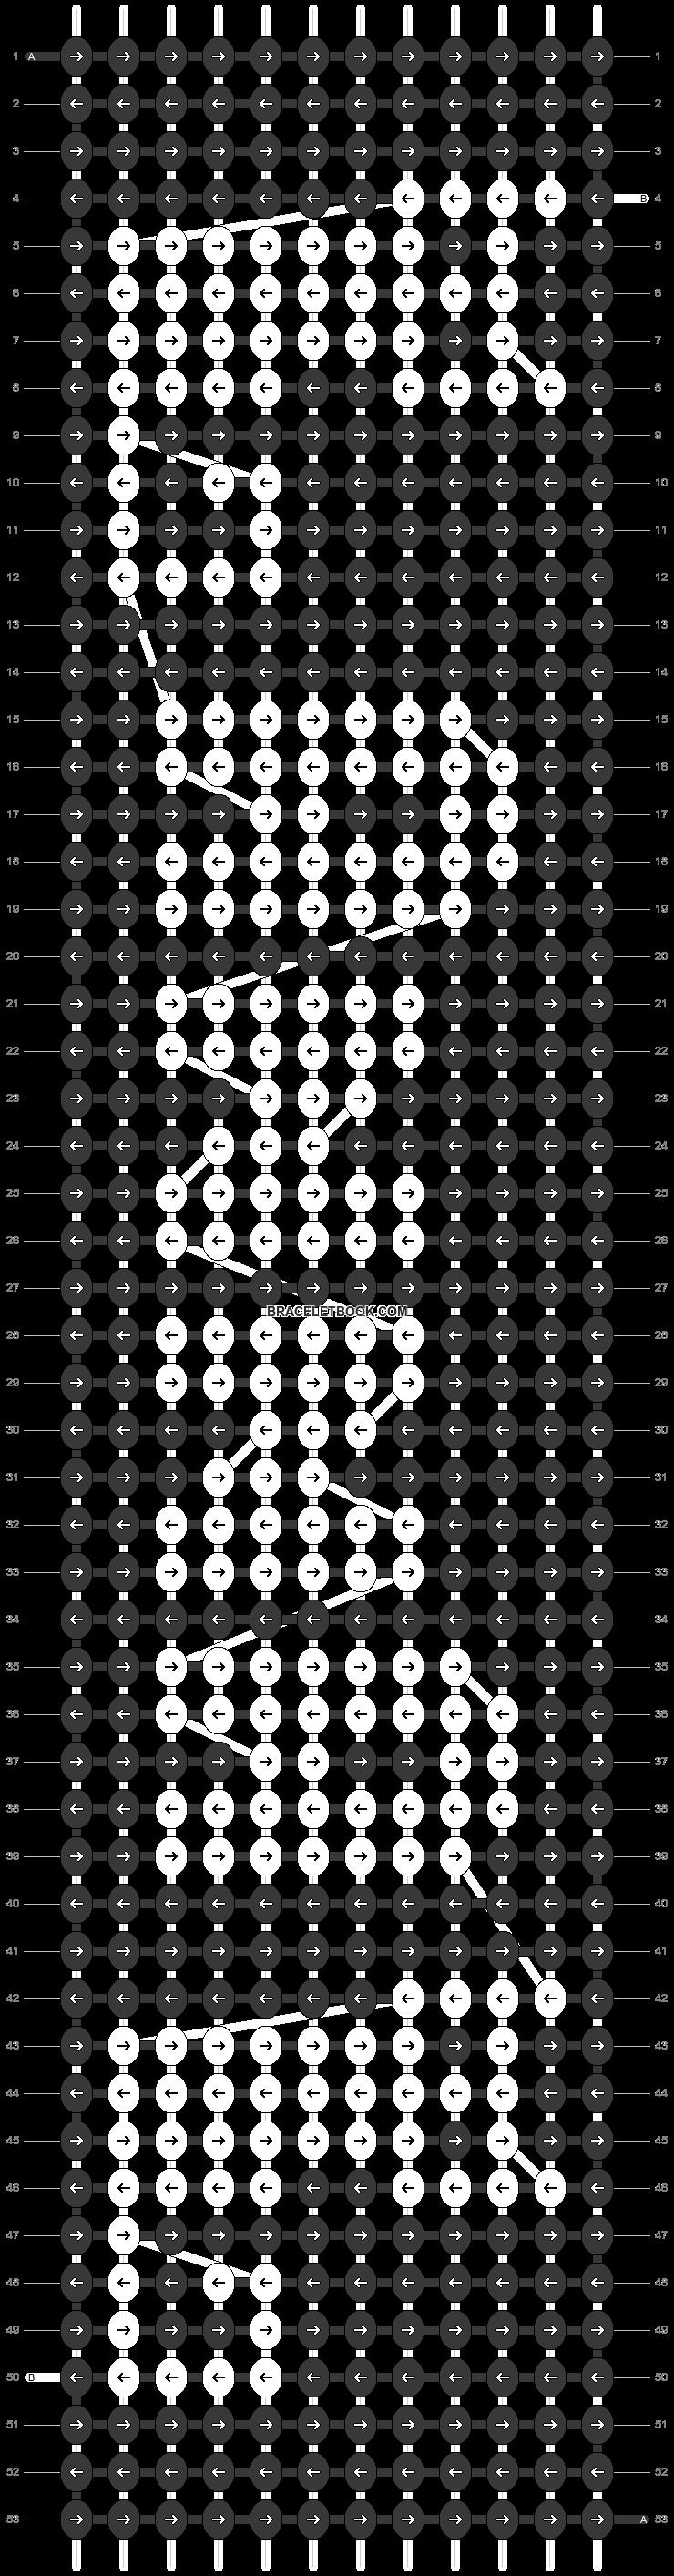 Alpha Pattern #22423 added by byscoitu